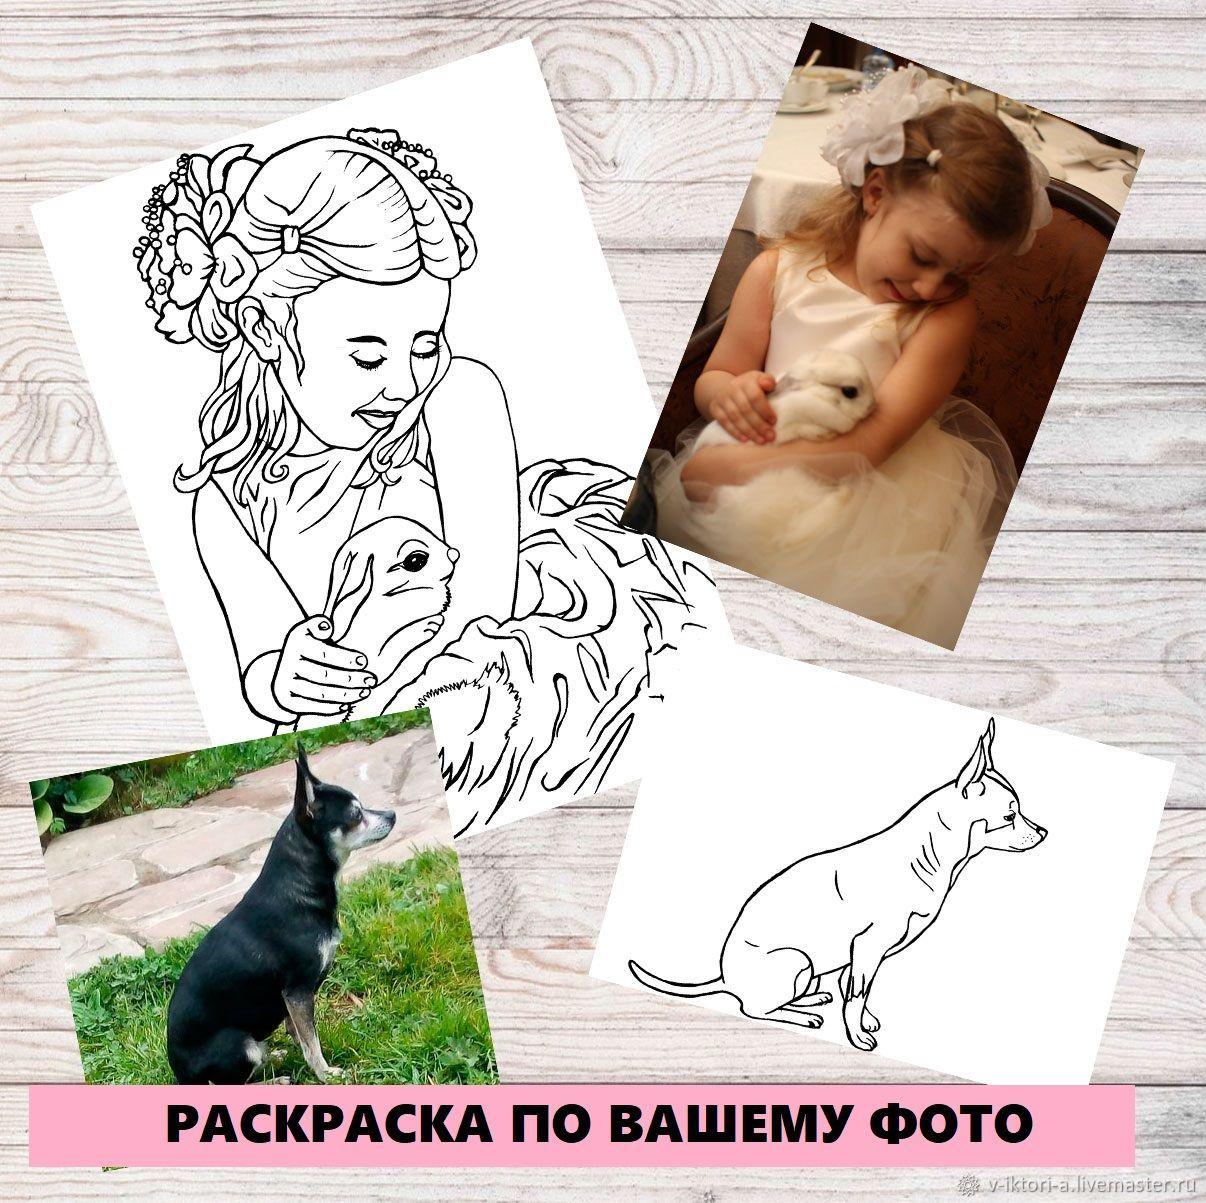 Раскраска для любимых людей по вашему фото, Иллюстрации, Михайловка,  Фото №1